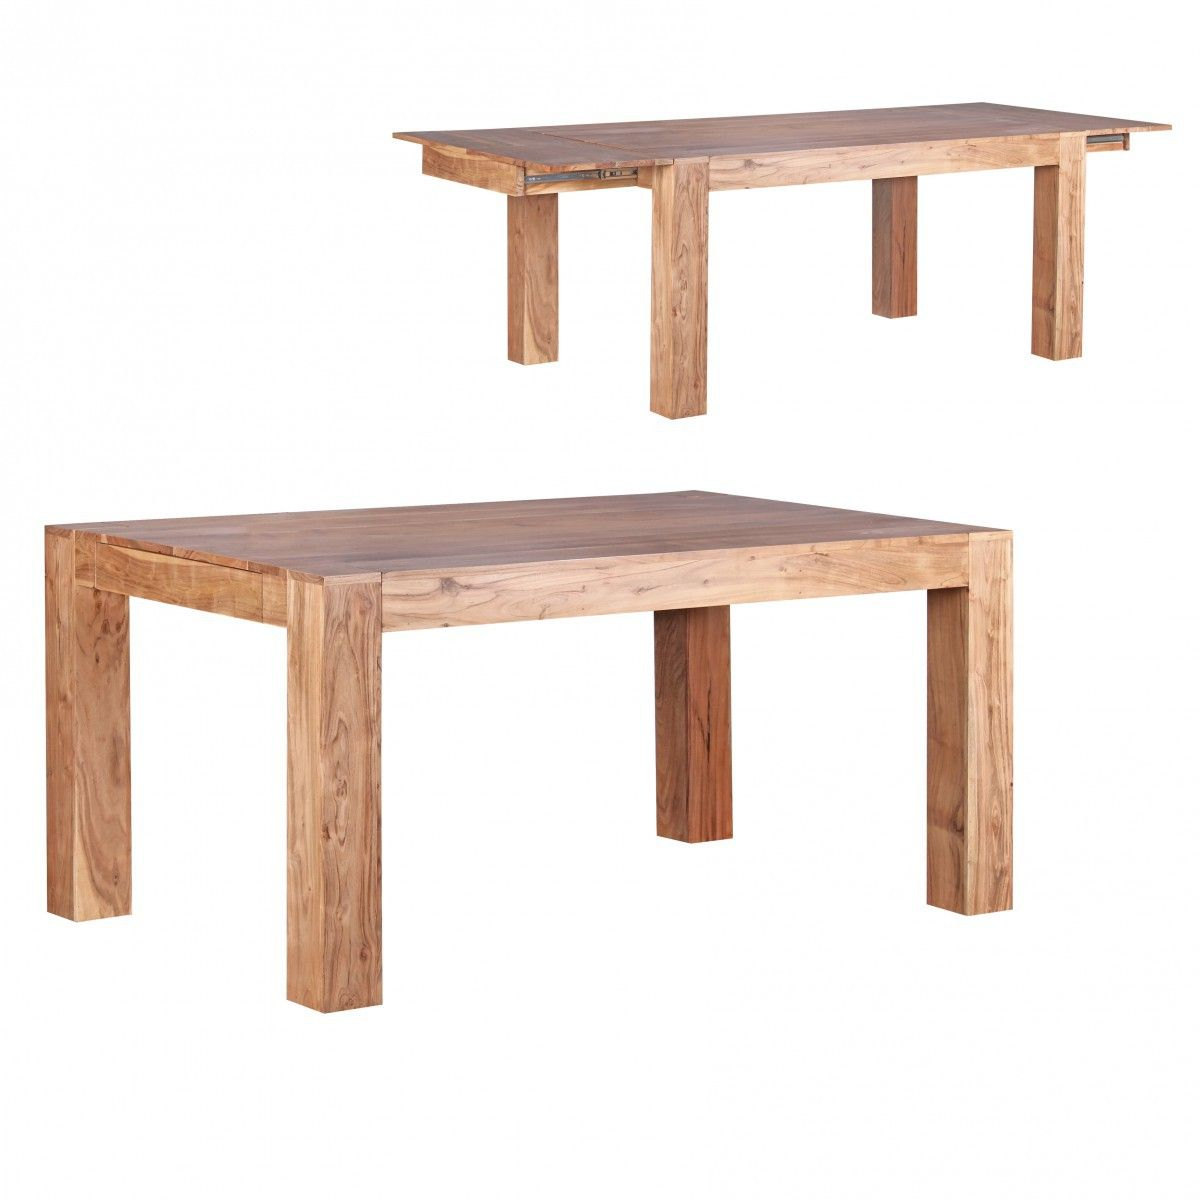 FineBuy Esstisch Massivholz Akazie 160   240 Cm Ausziehbar Esszimmer Tisch  Design Küchentisch Landhaus